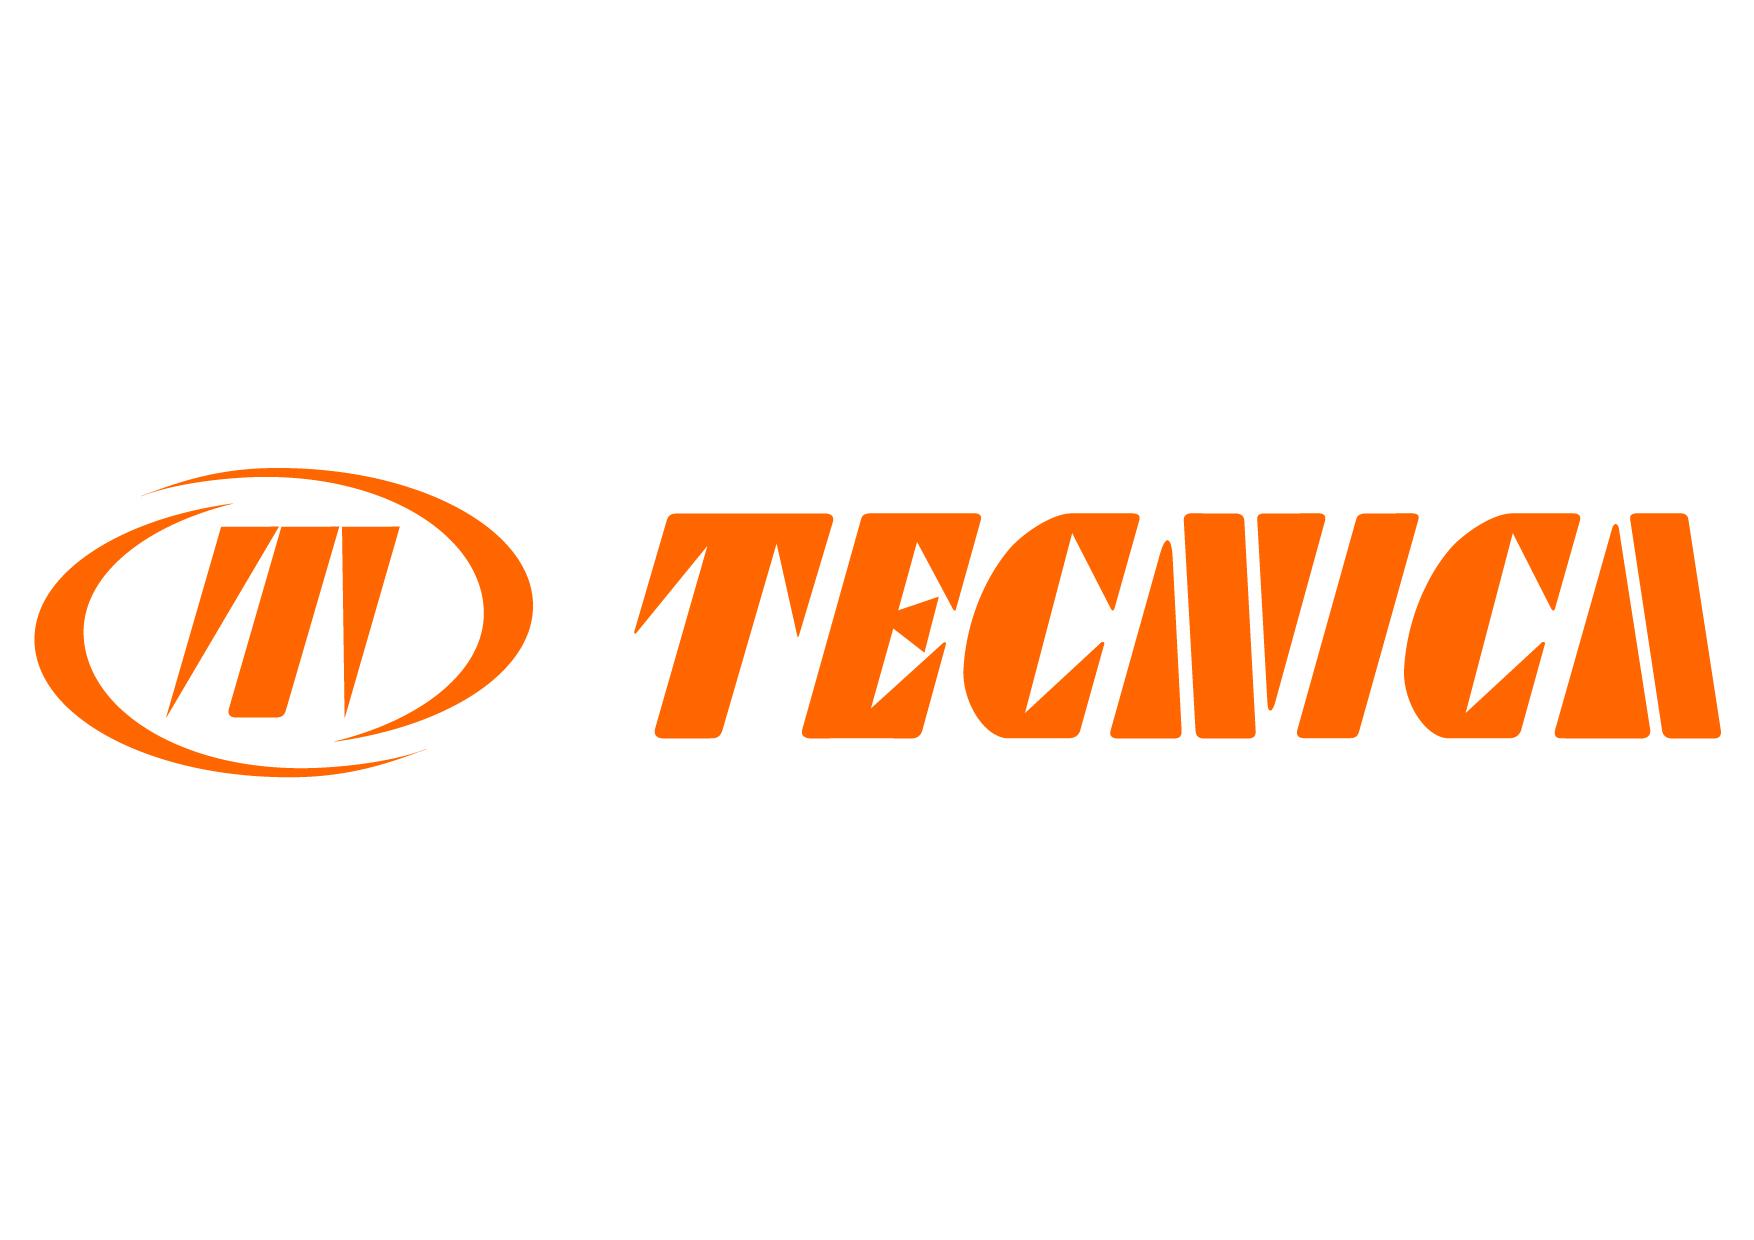 logo-tecnica-01